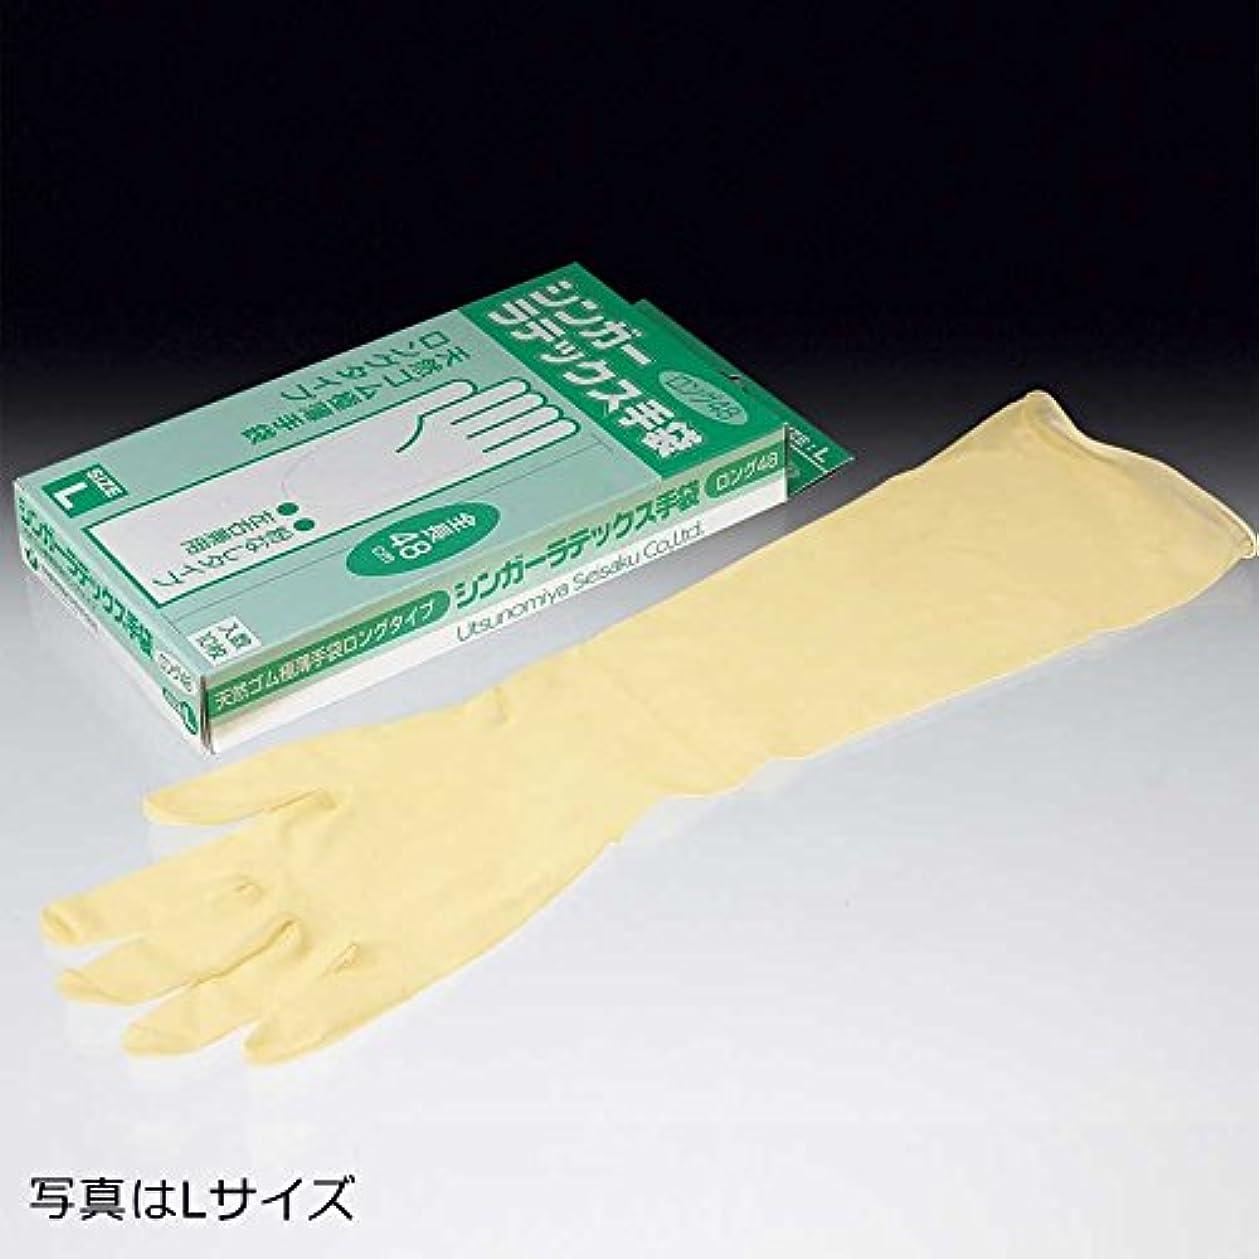 メドレー適格圧倒するシンガーラテックス手袋ロング48 使い捨て手袋 粉なし全長48cm200枚(10枚入り20箱) (L)